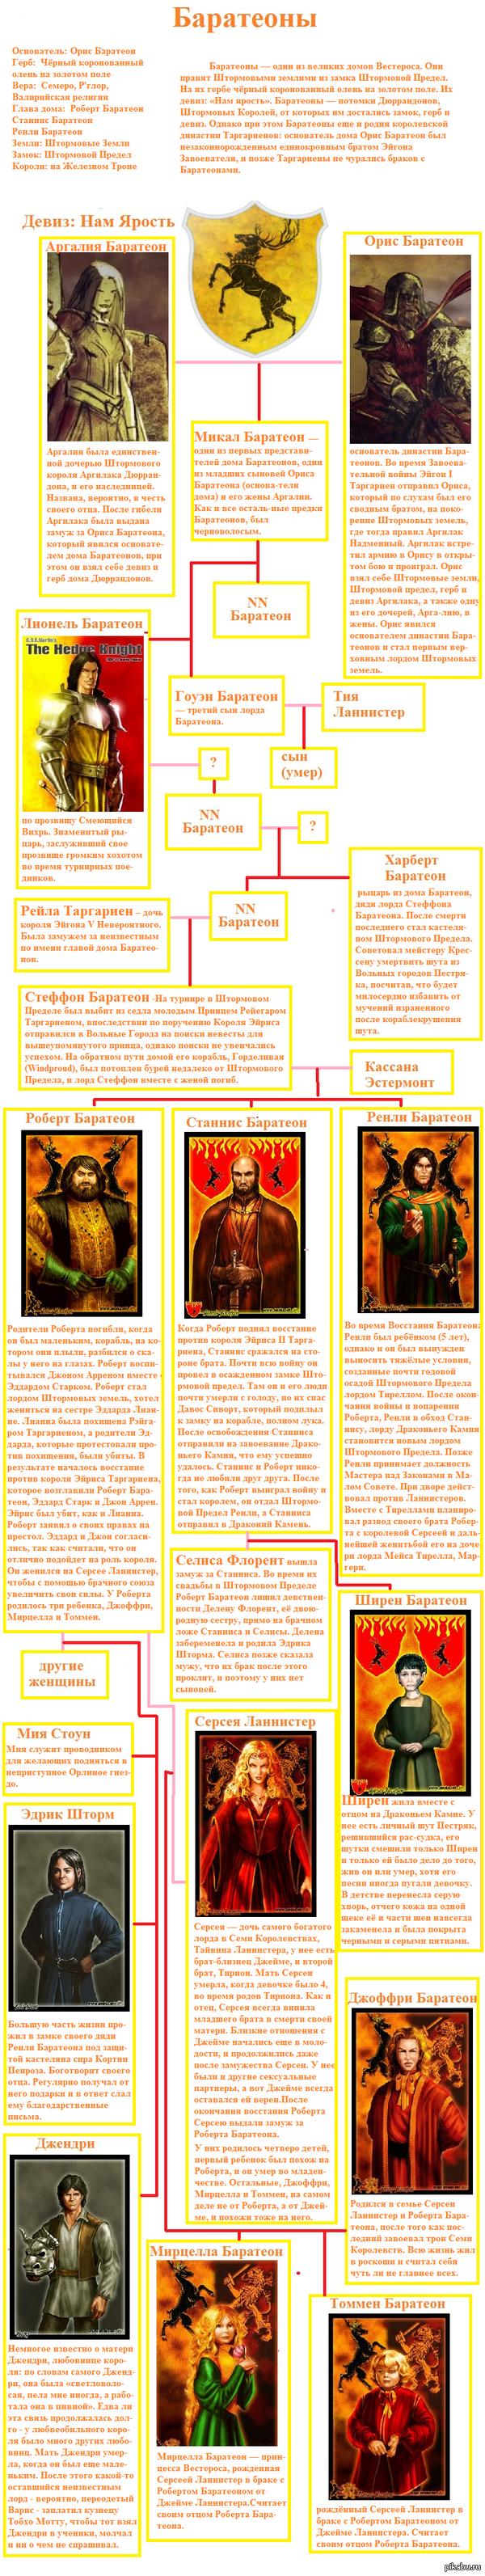 генеалогическое древо Баратеонов вроде спойлеров нет.